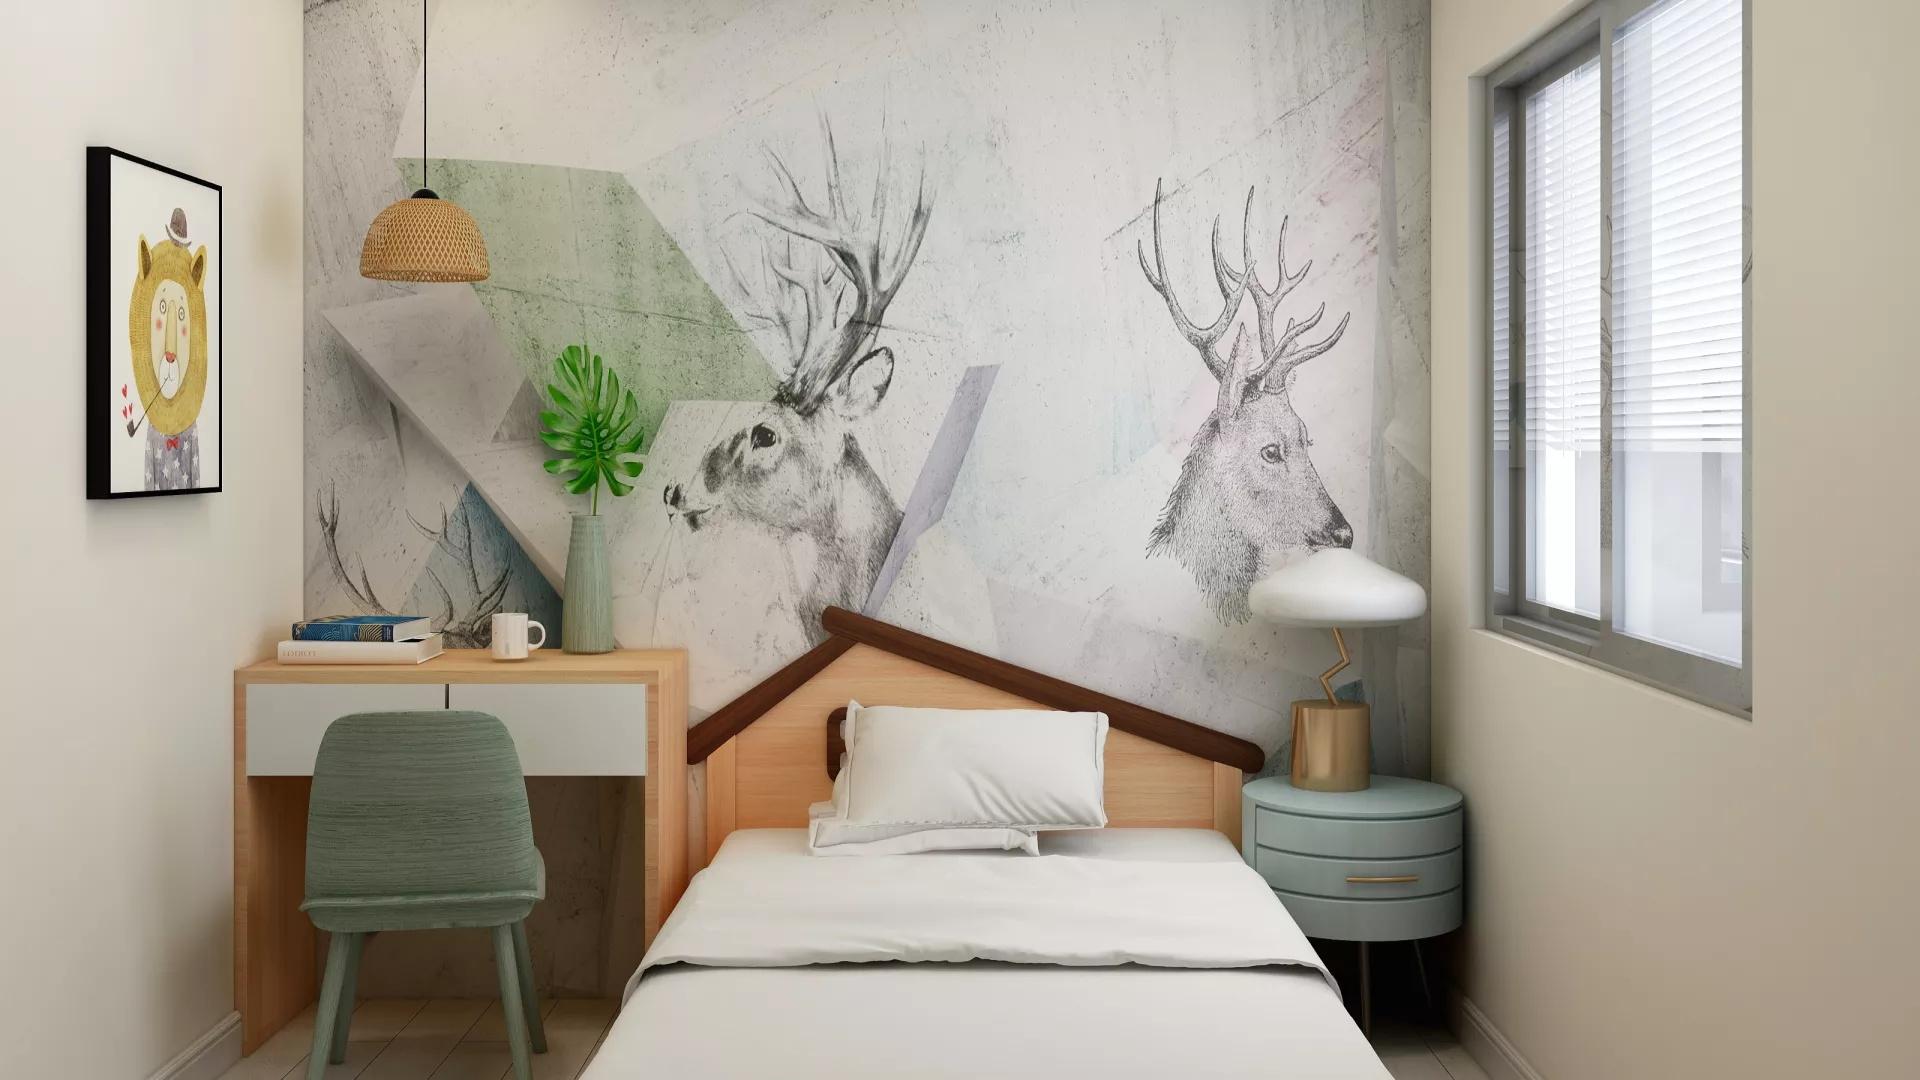 美式乡村风格大气型卧室床装修效果图